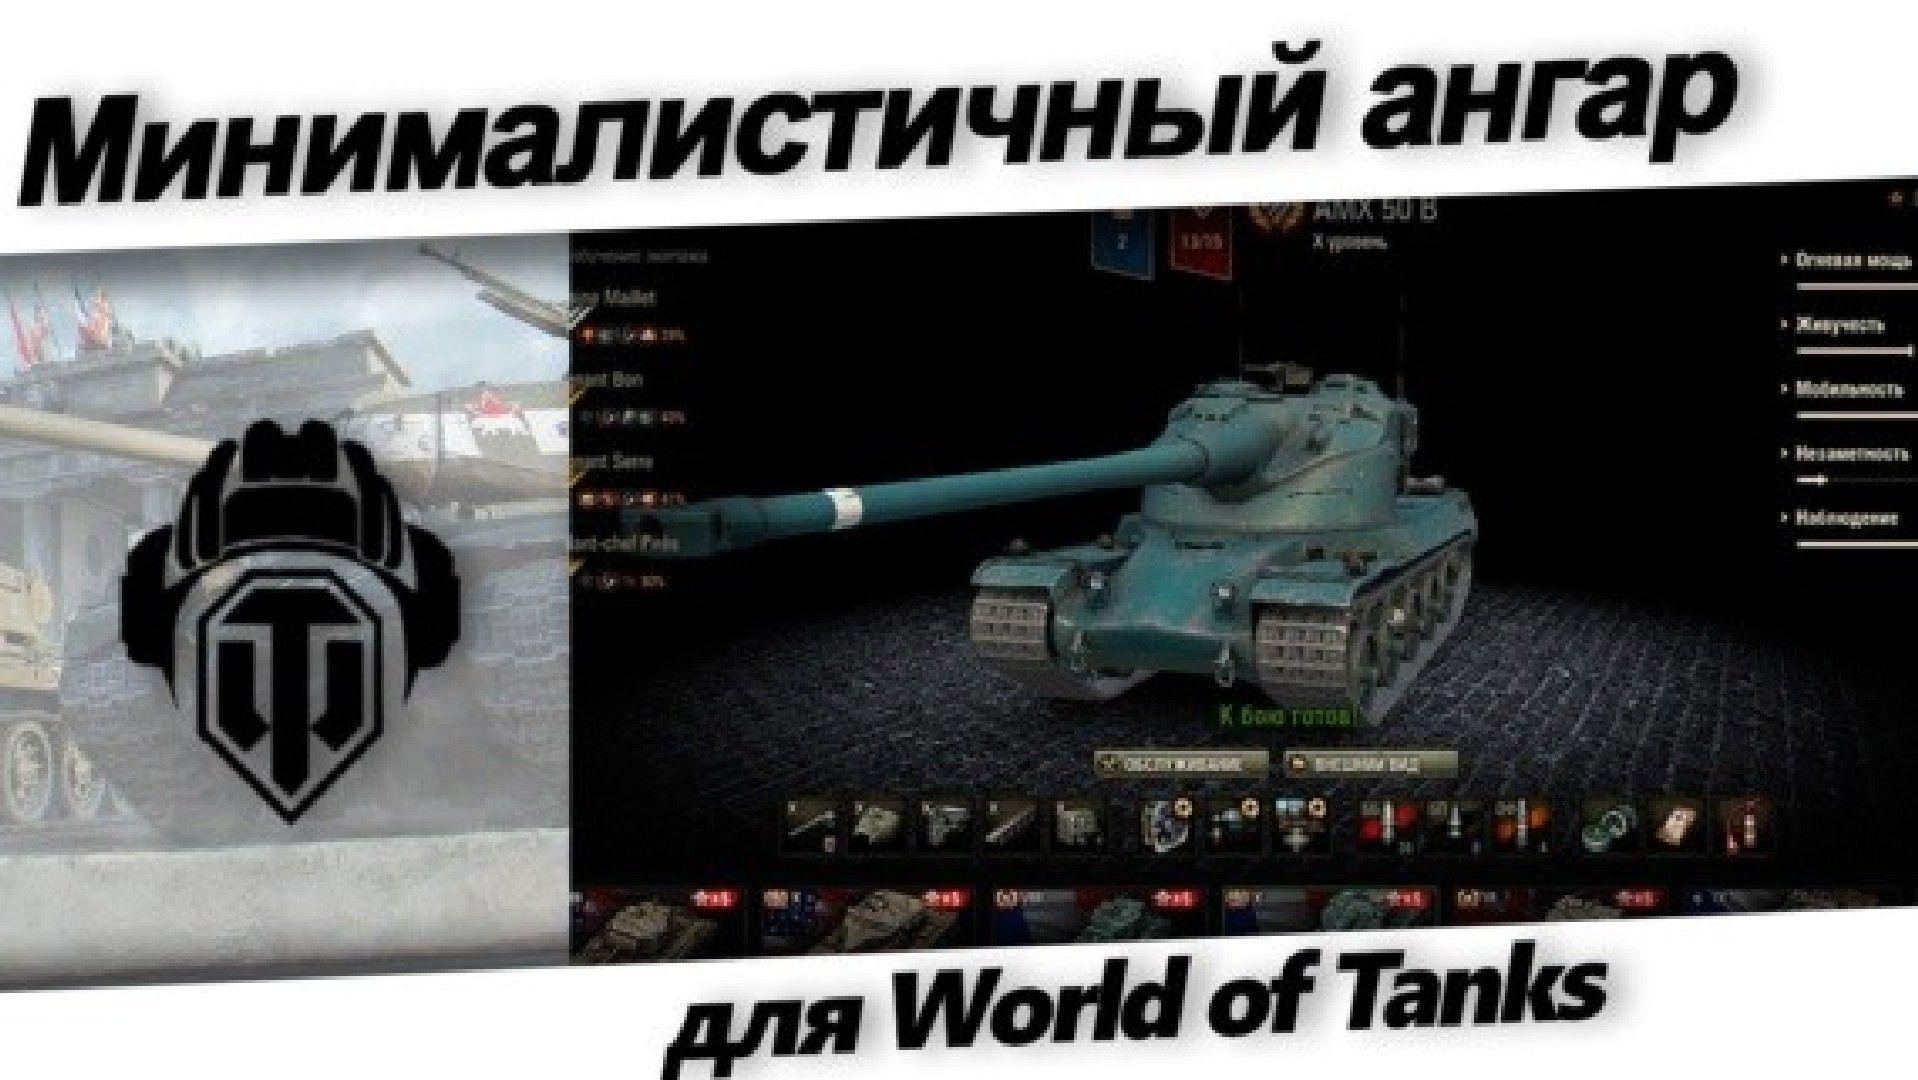 минималистичный ангар World of Tanks